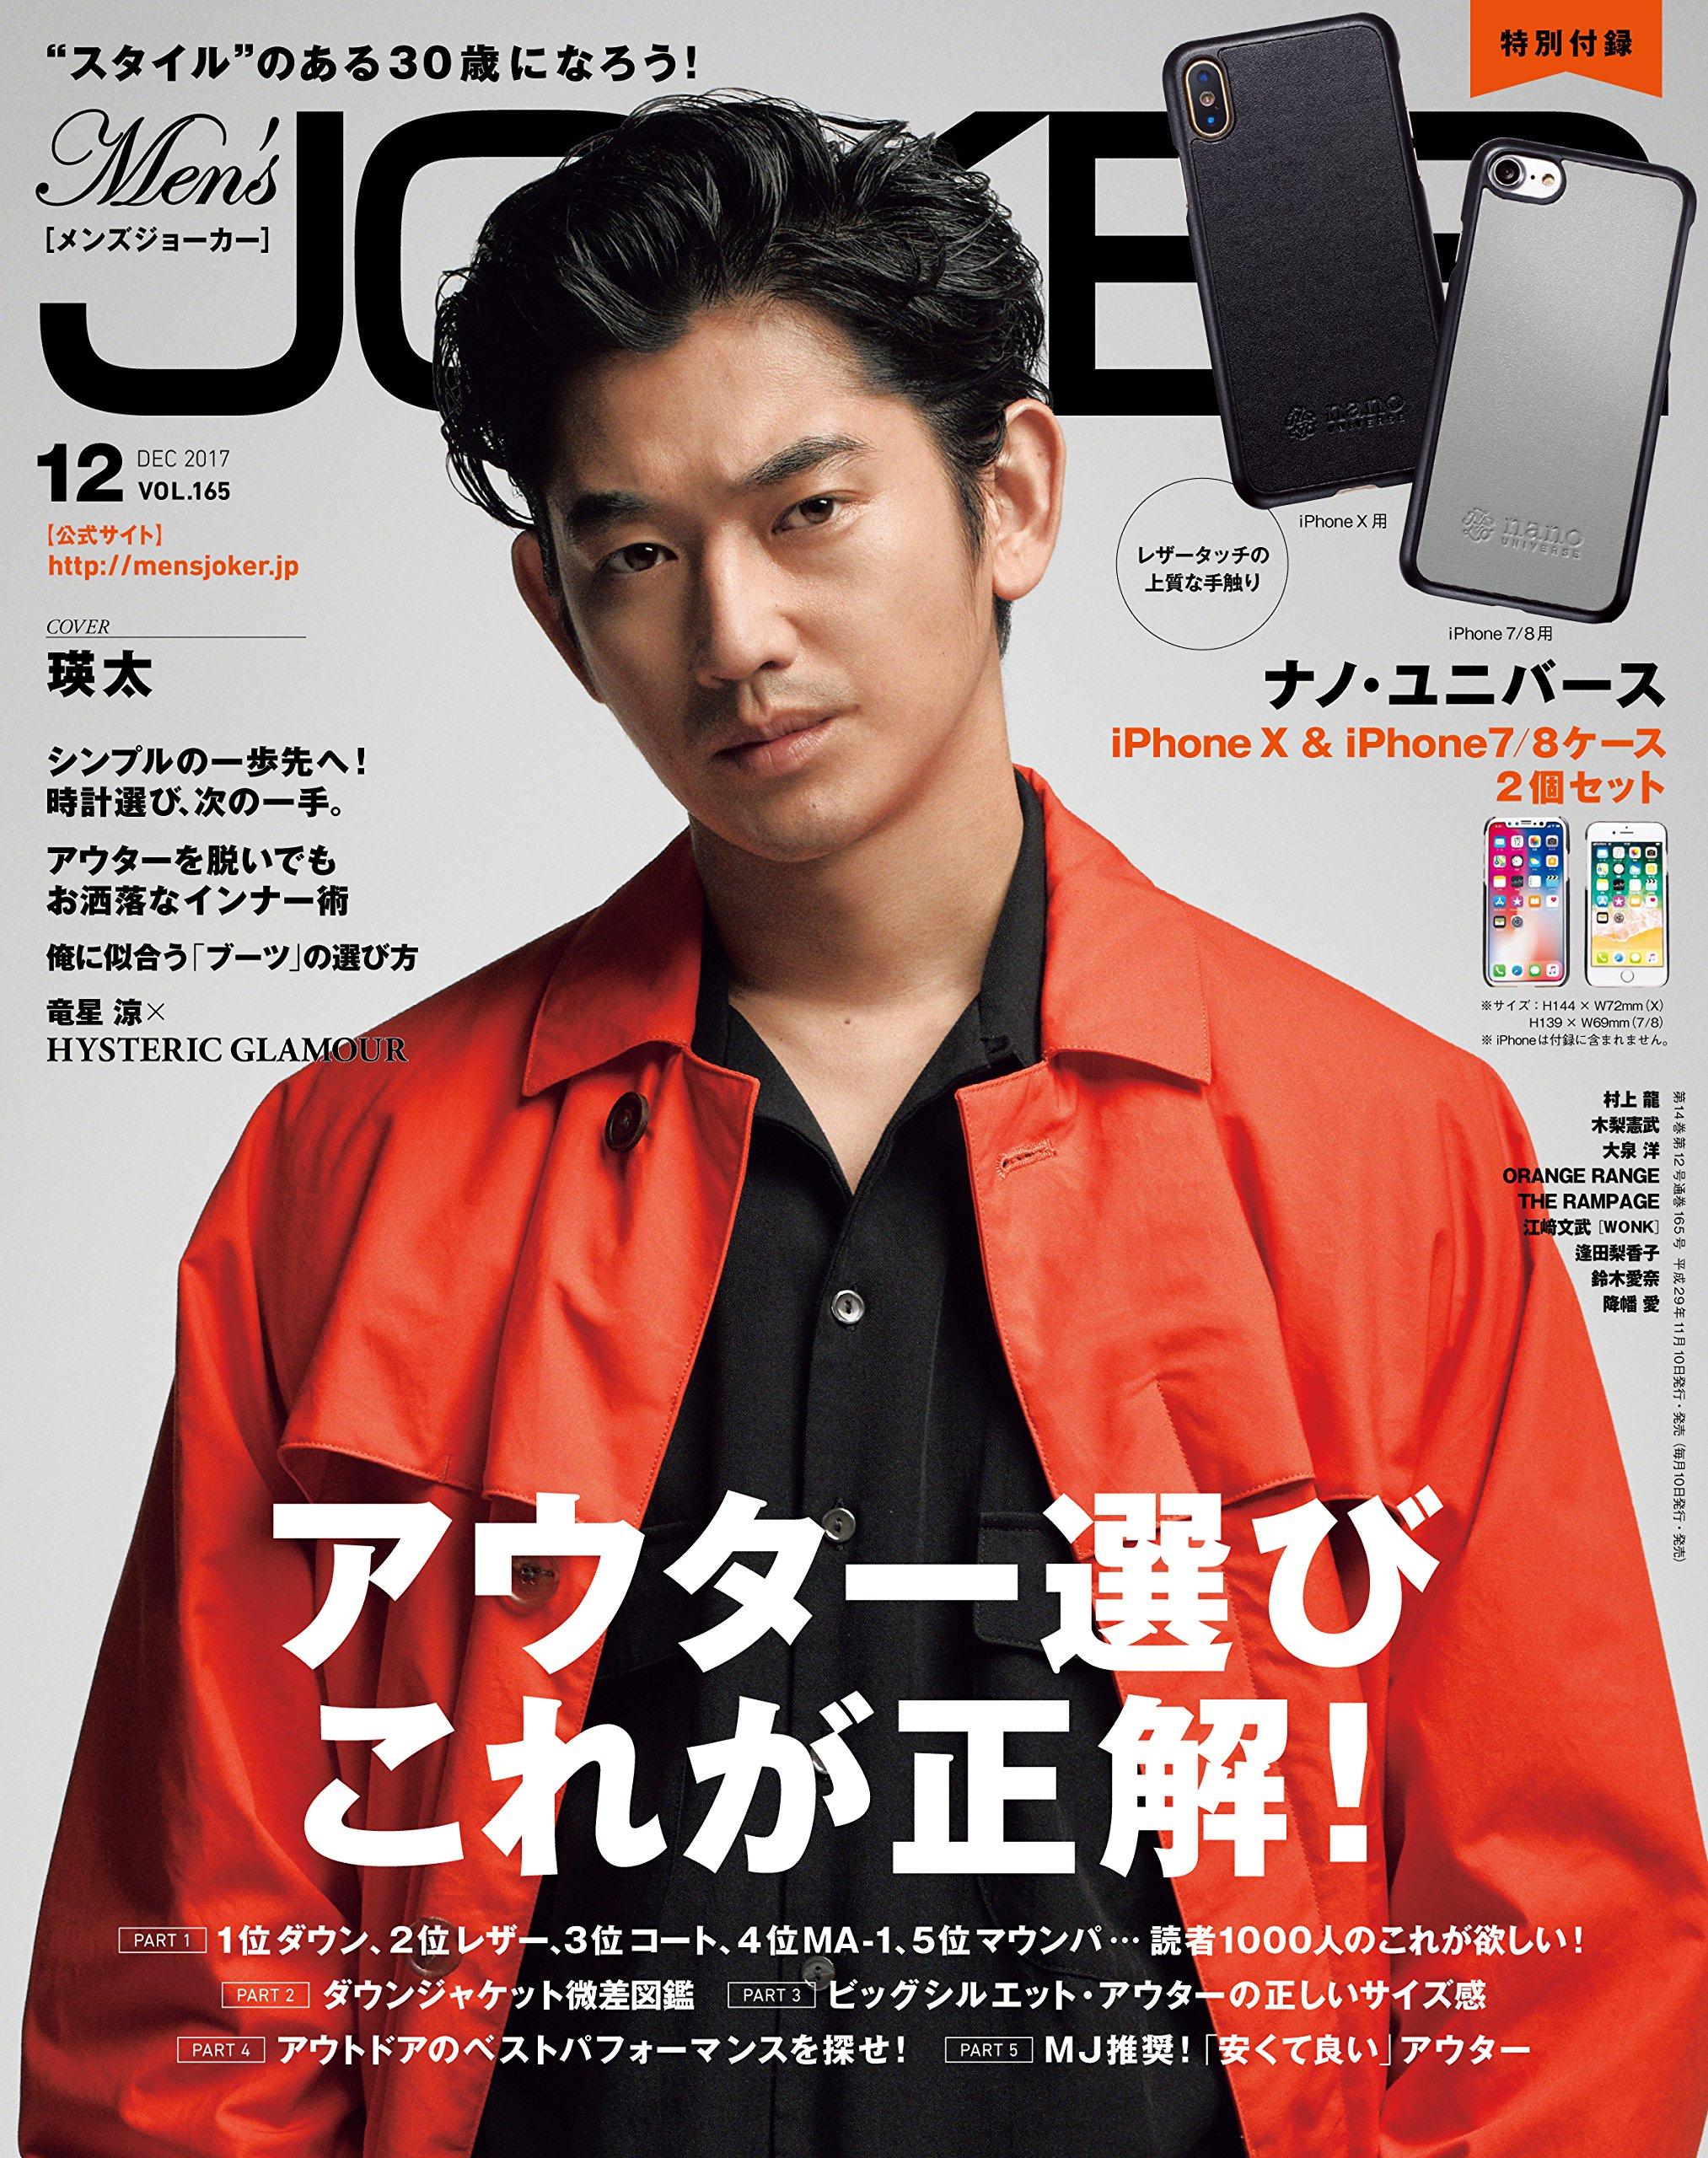 アマゾンで雑誌のMen's JOKER 12月号を購入すると、ナノユニバース特製iPhoneX用&iPhone7/8ケースセットが付いてくる。11/10~。